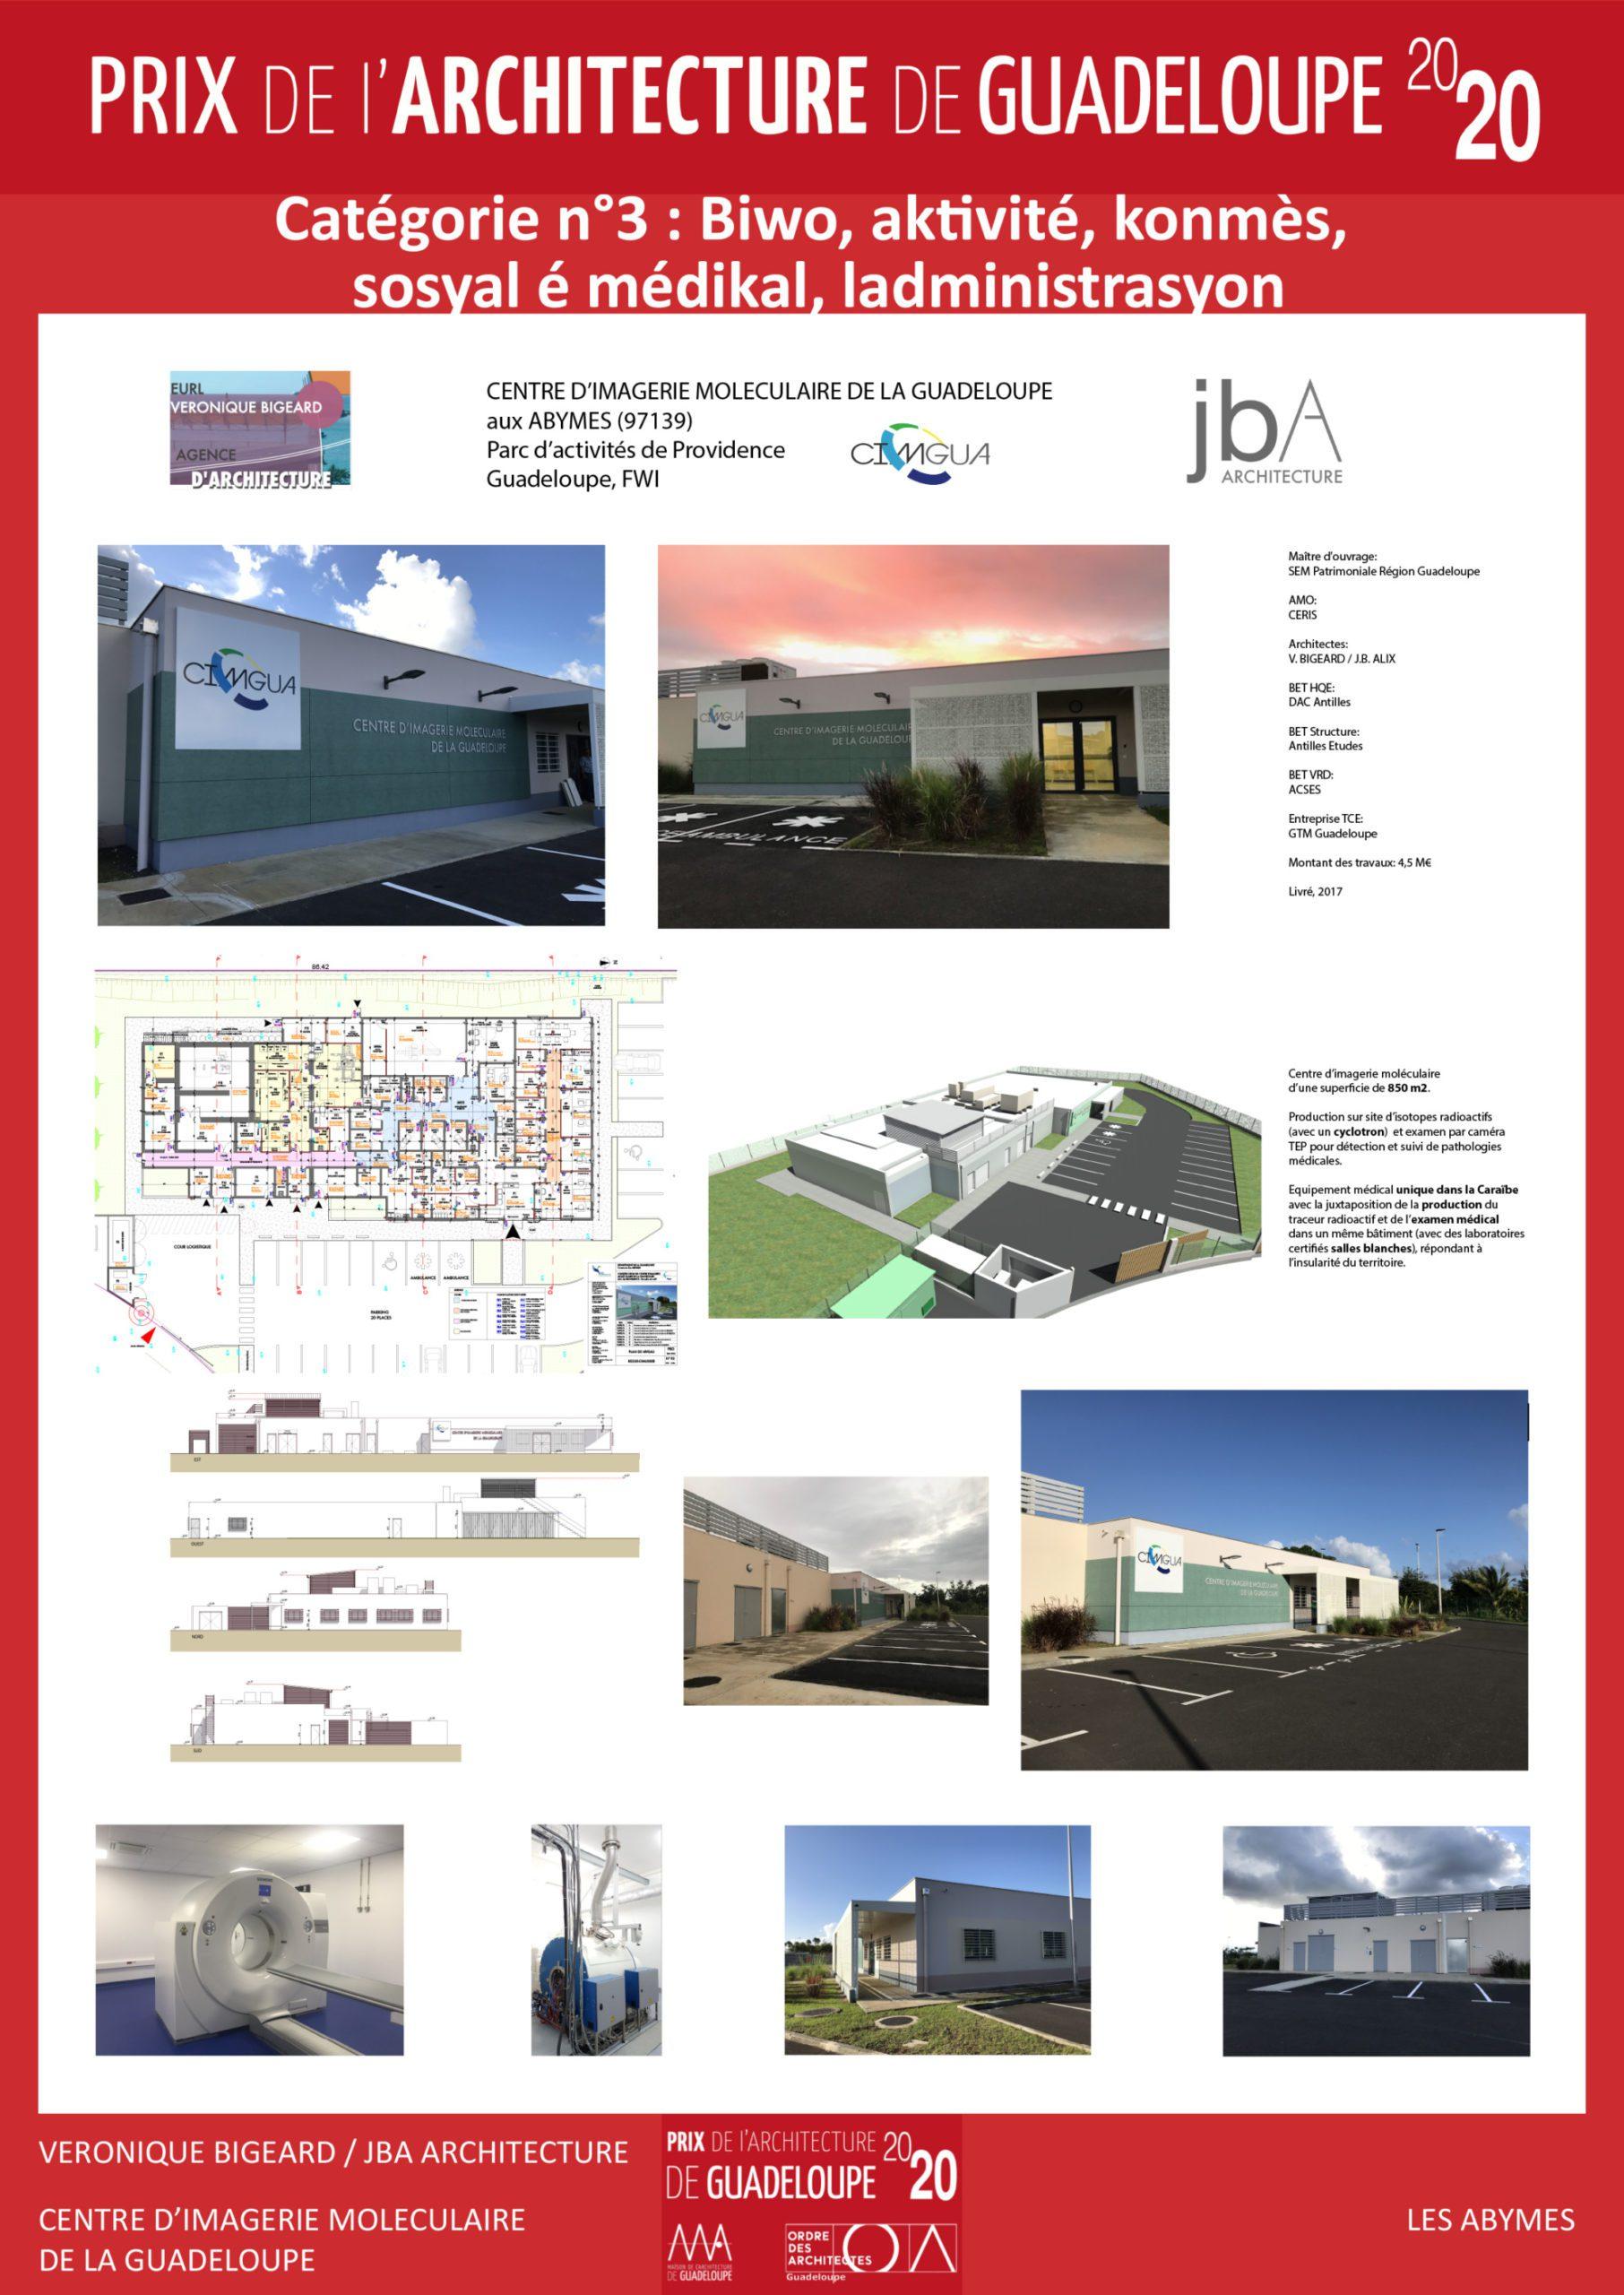 Centre d'Imagerie Moléculaire de la Guadeloupe (Véronique Bigeard)